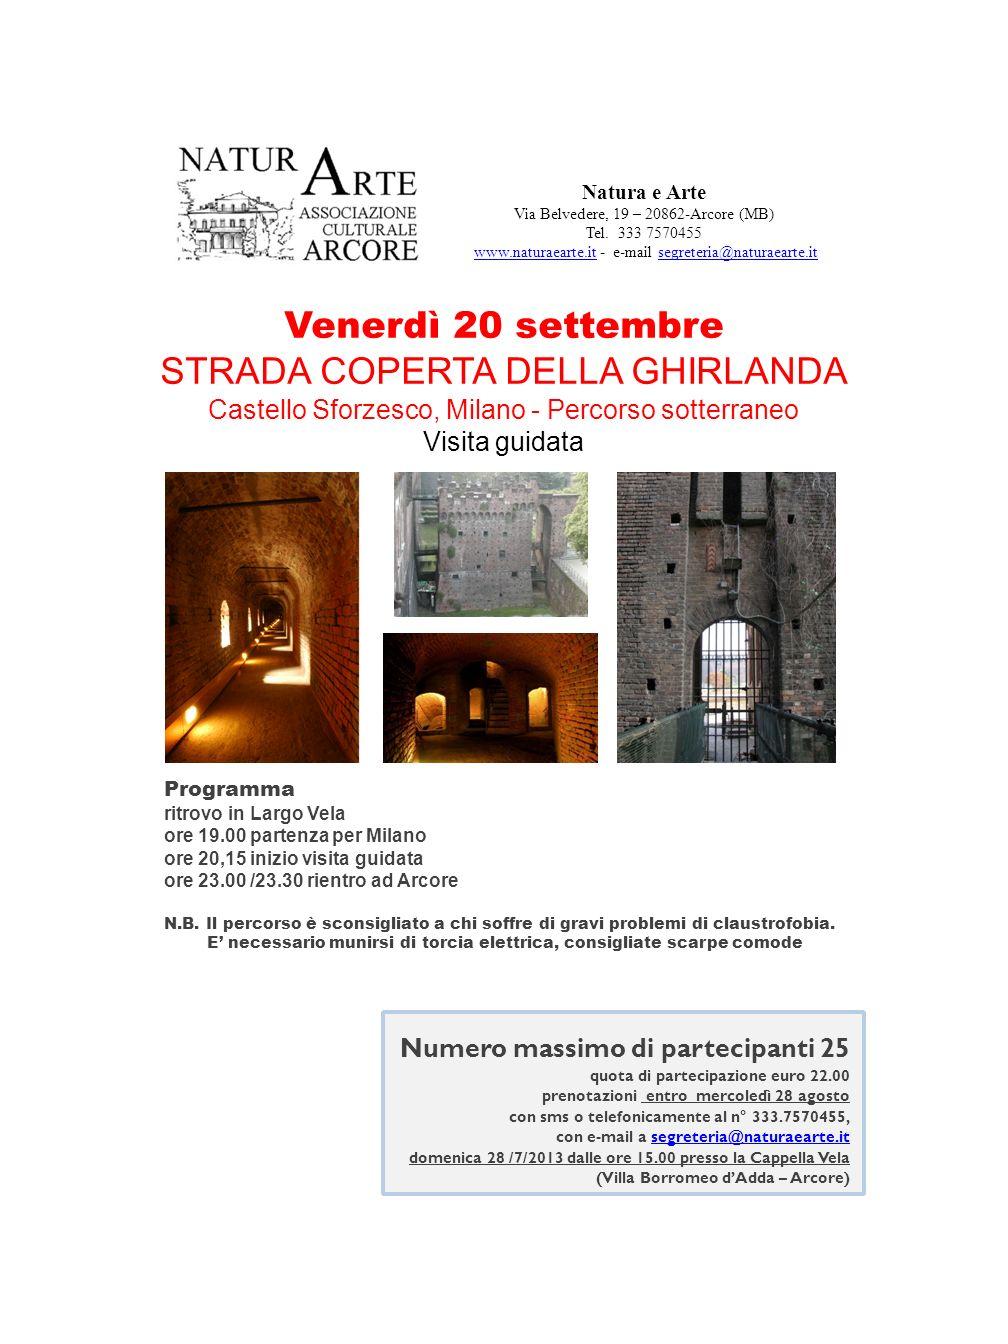 Natura e Arte Via Belvedere, 19 – 20862-Arcore (MB) Tel. 333 7570455 www.naturaearte.it - e-mail segreteria@naturaearte.itwww.naturaearte.itsegreteria